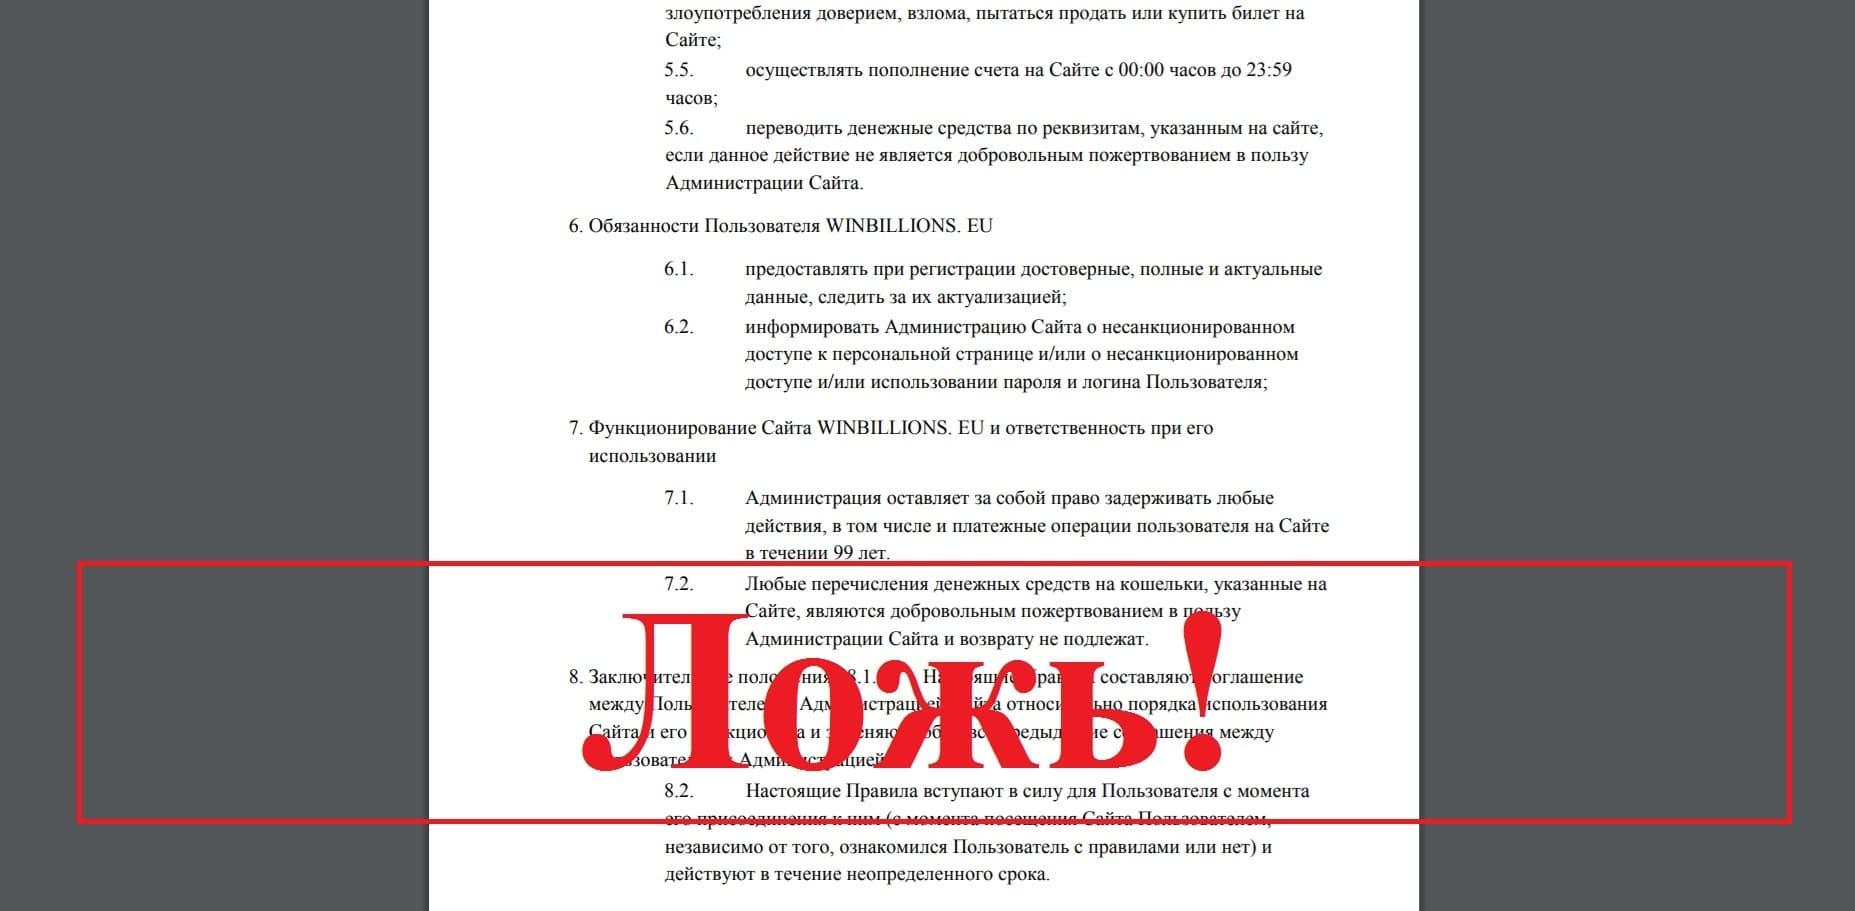 WinBillions – реальные отзывы о winbillions.eu